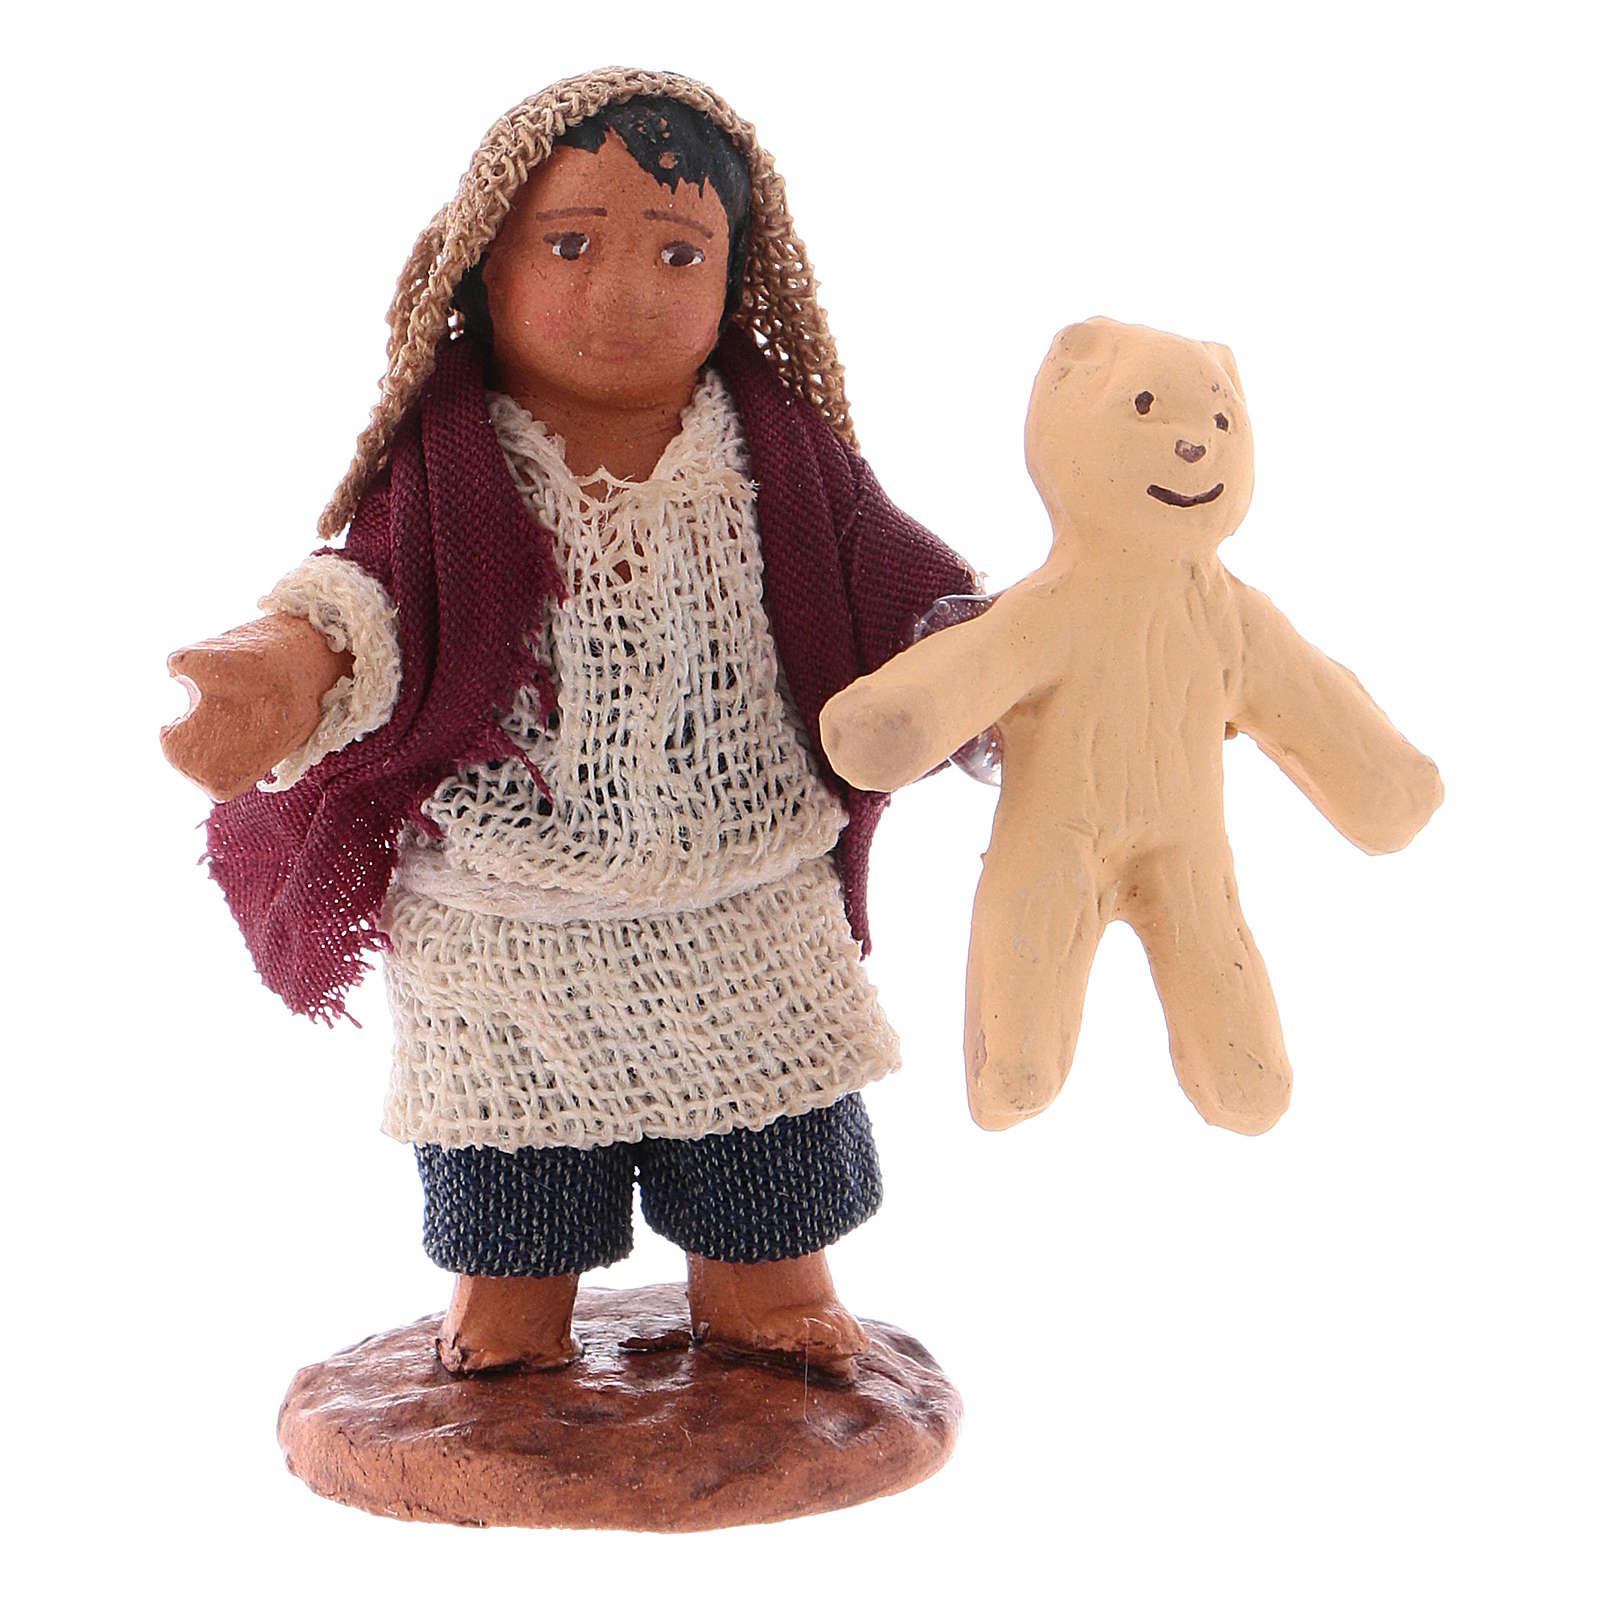 Little boy with teddybear 10cm neapolitan Nativity 4